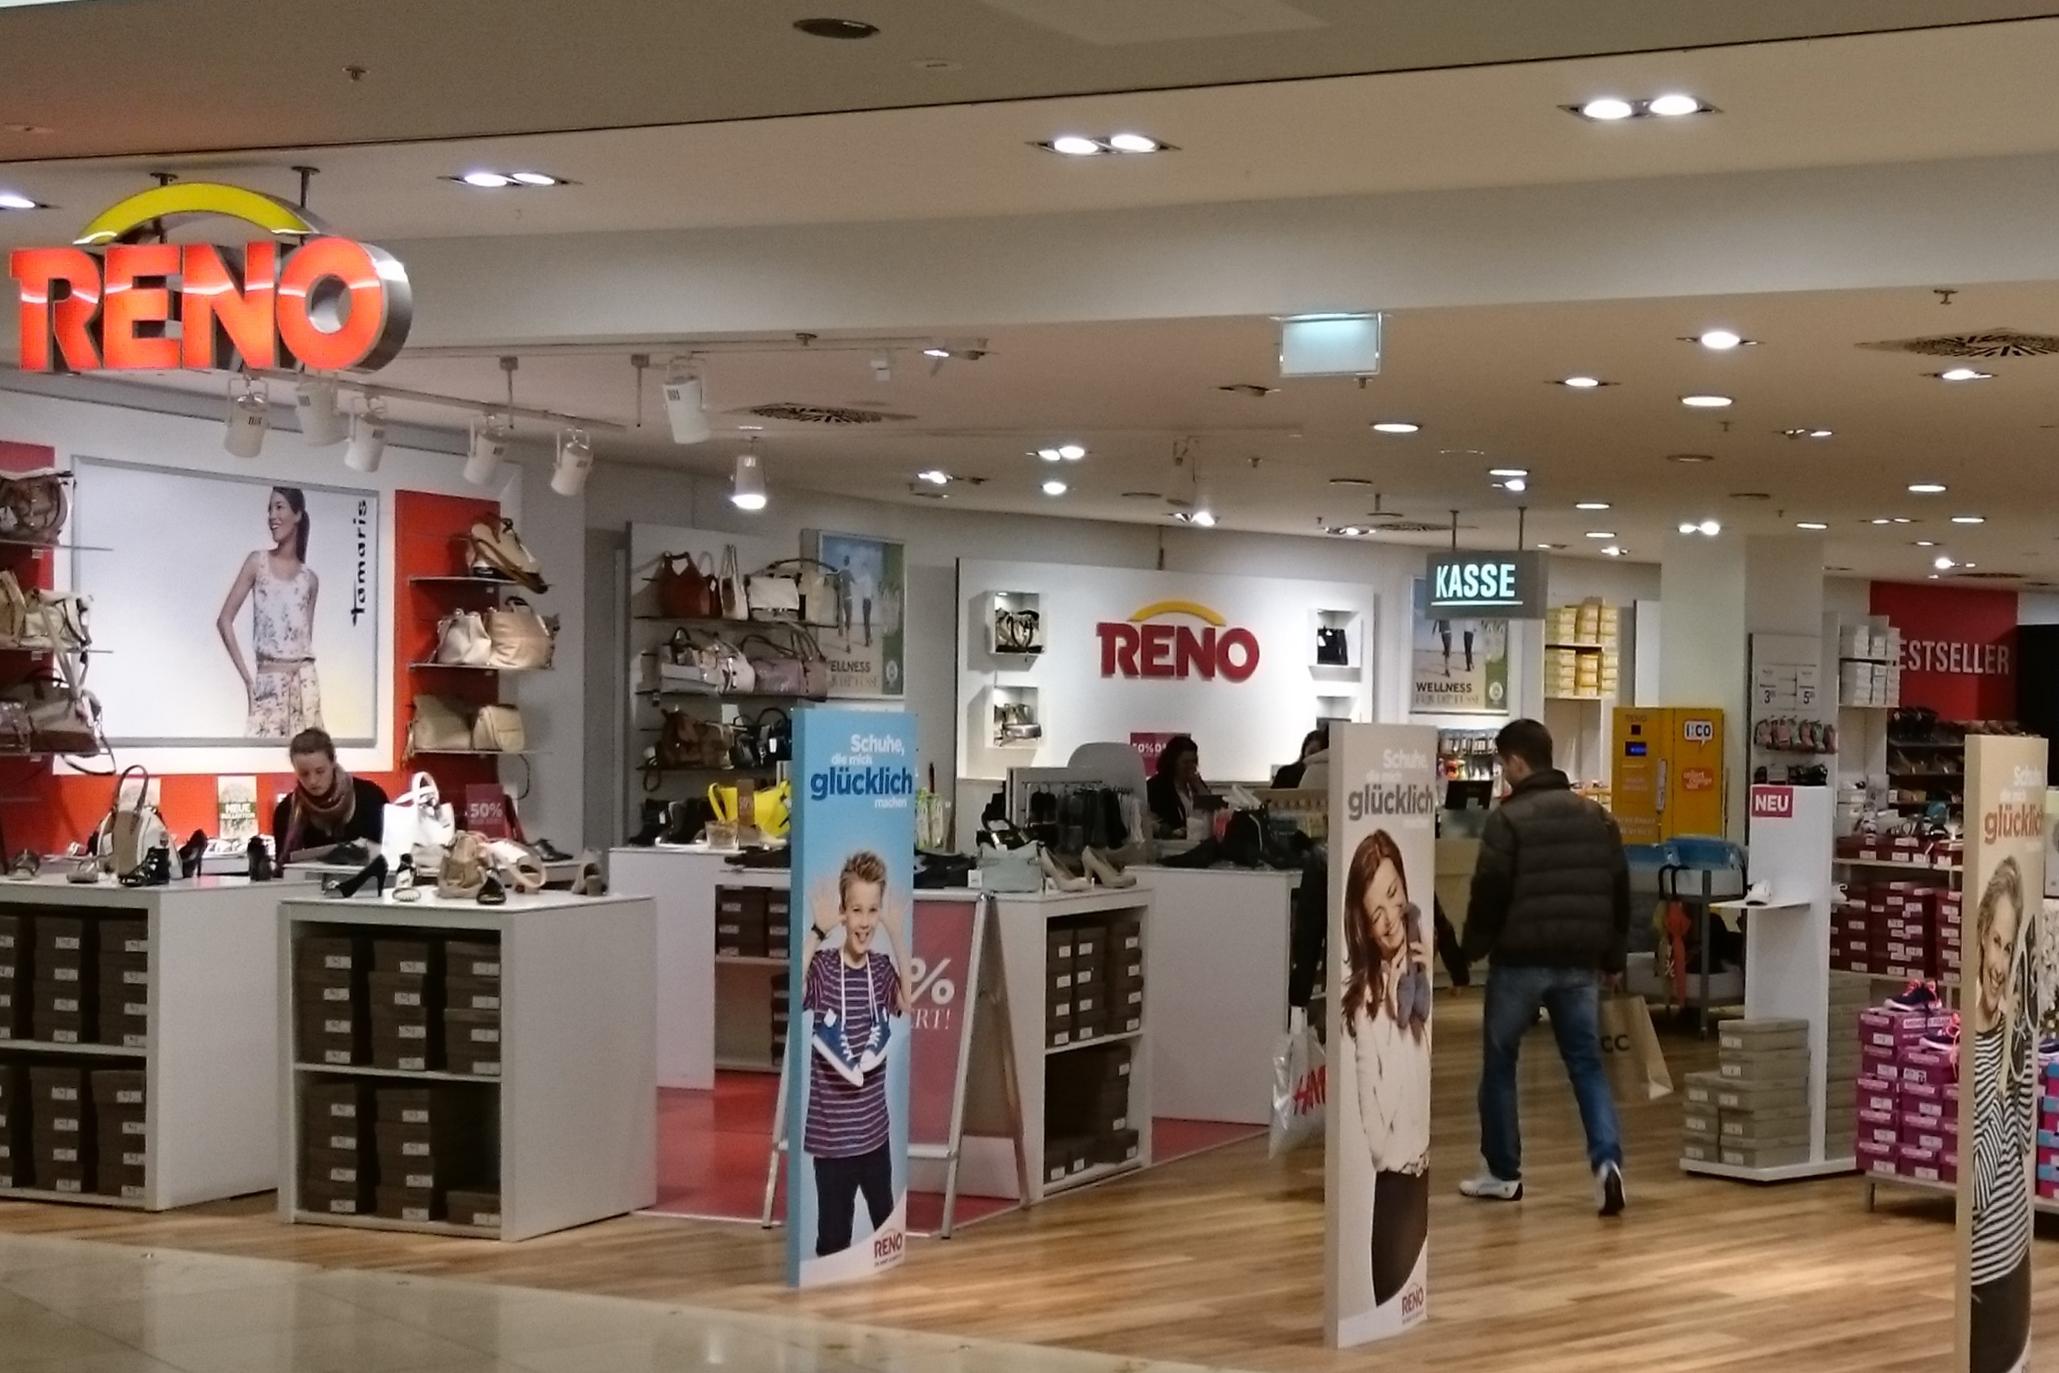 skate shoes order online new arrivals adidas neo shop erlangen